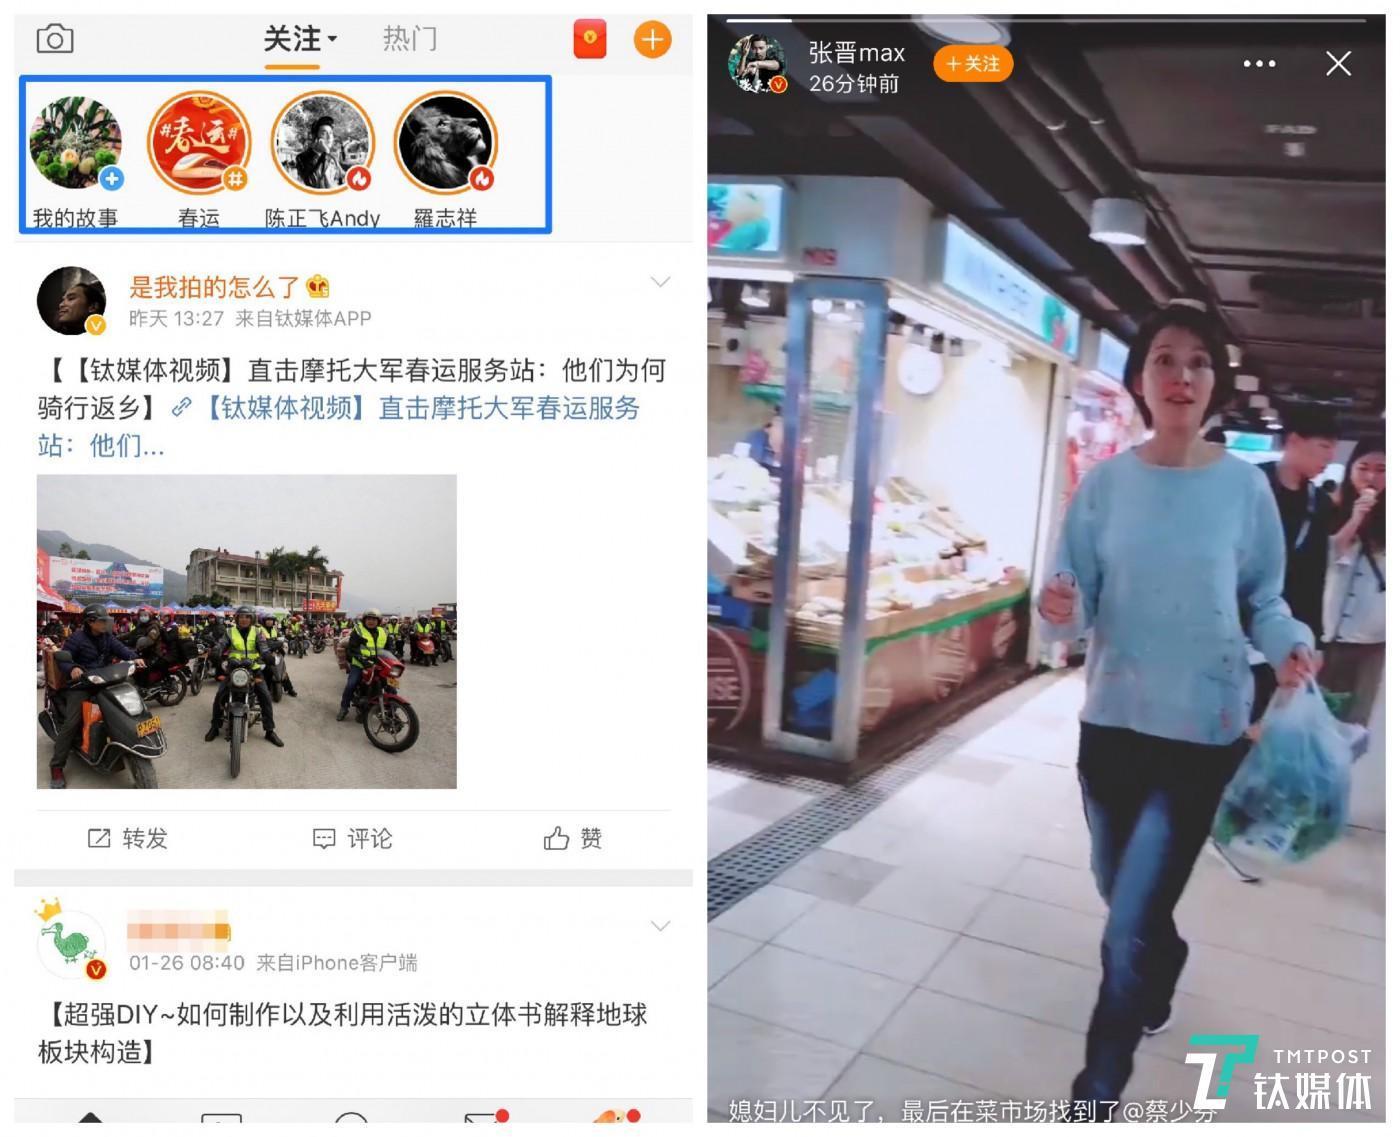 """用户拍摄的""""微博故事""""会展示在微博App十分醒目的位置(右为明星用户发布的Weibo Story)"""